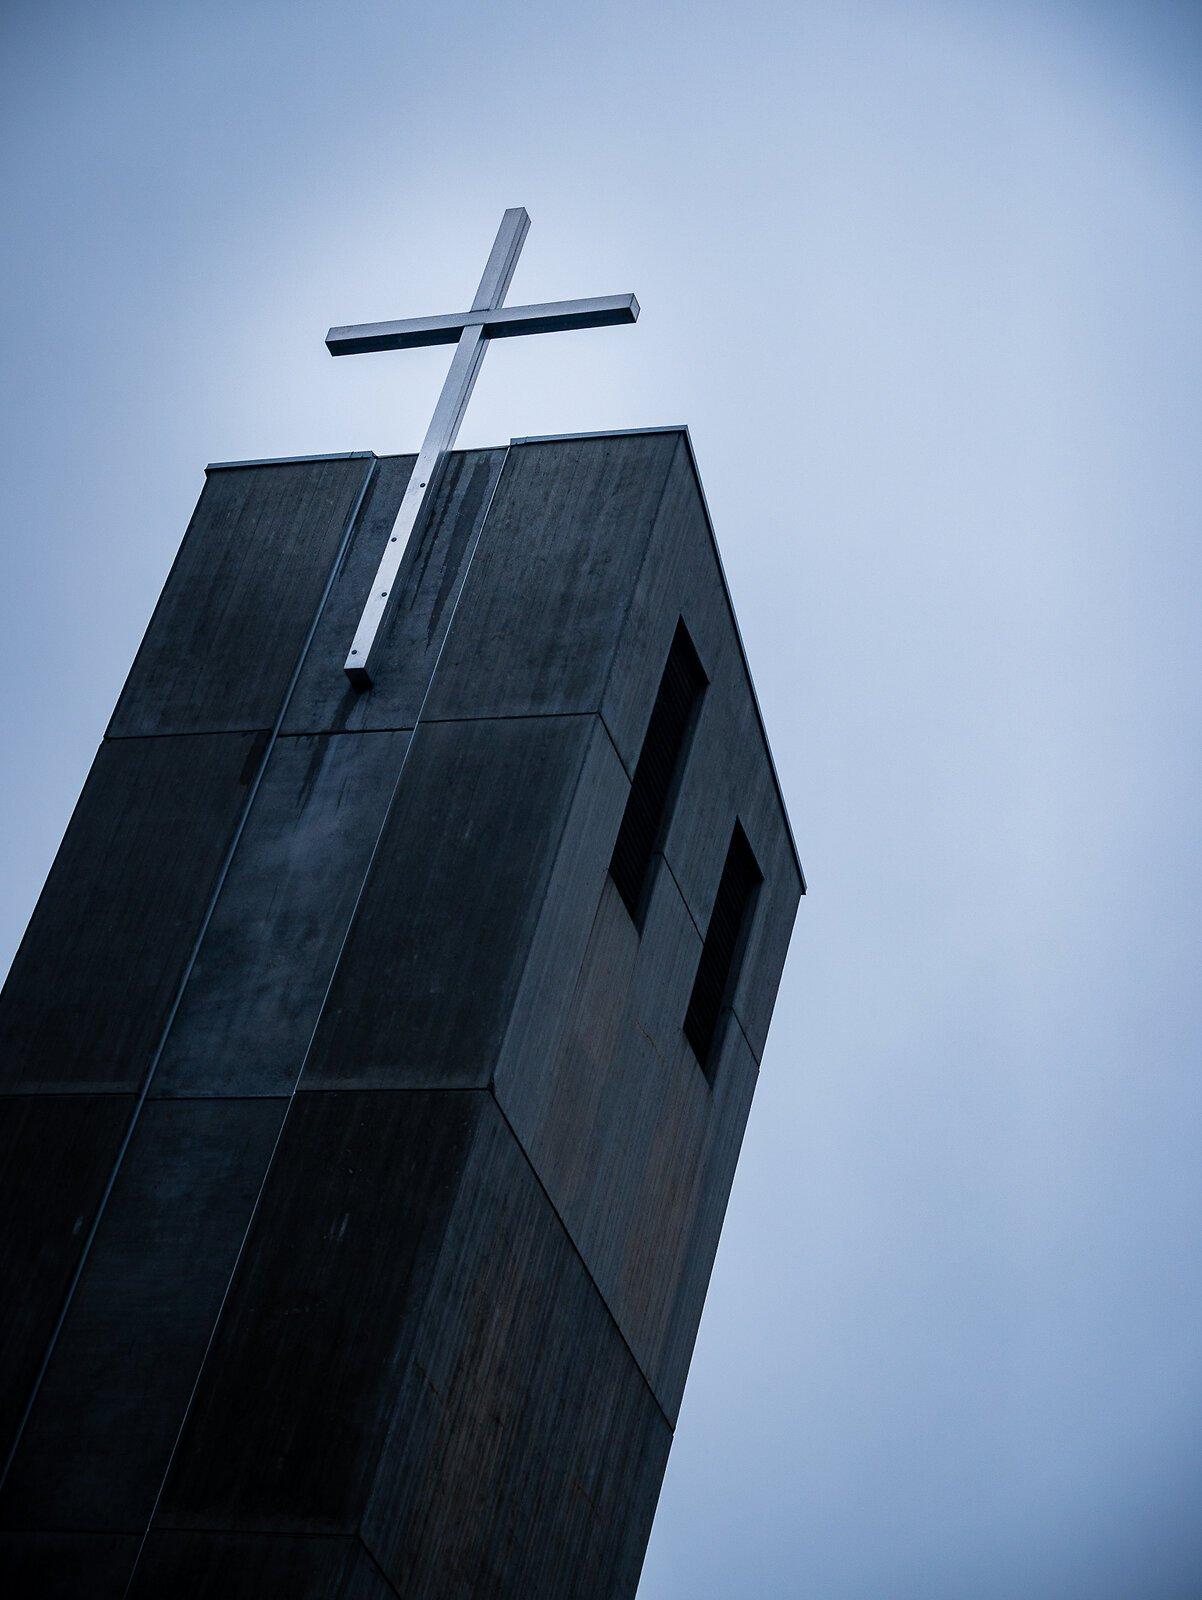 St Gudmund-5.jpg